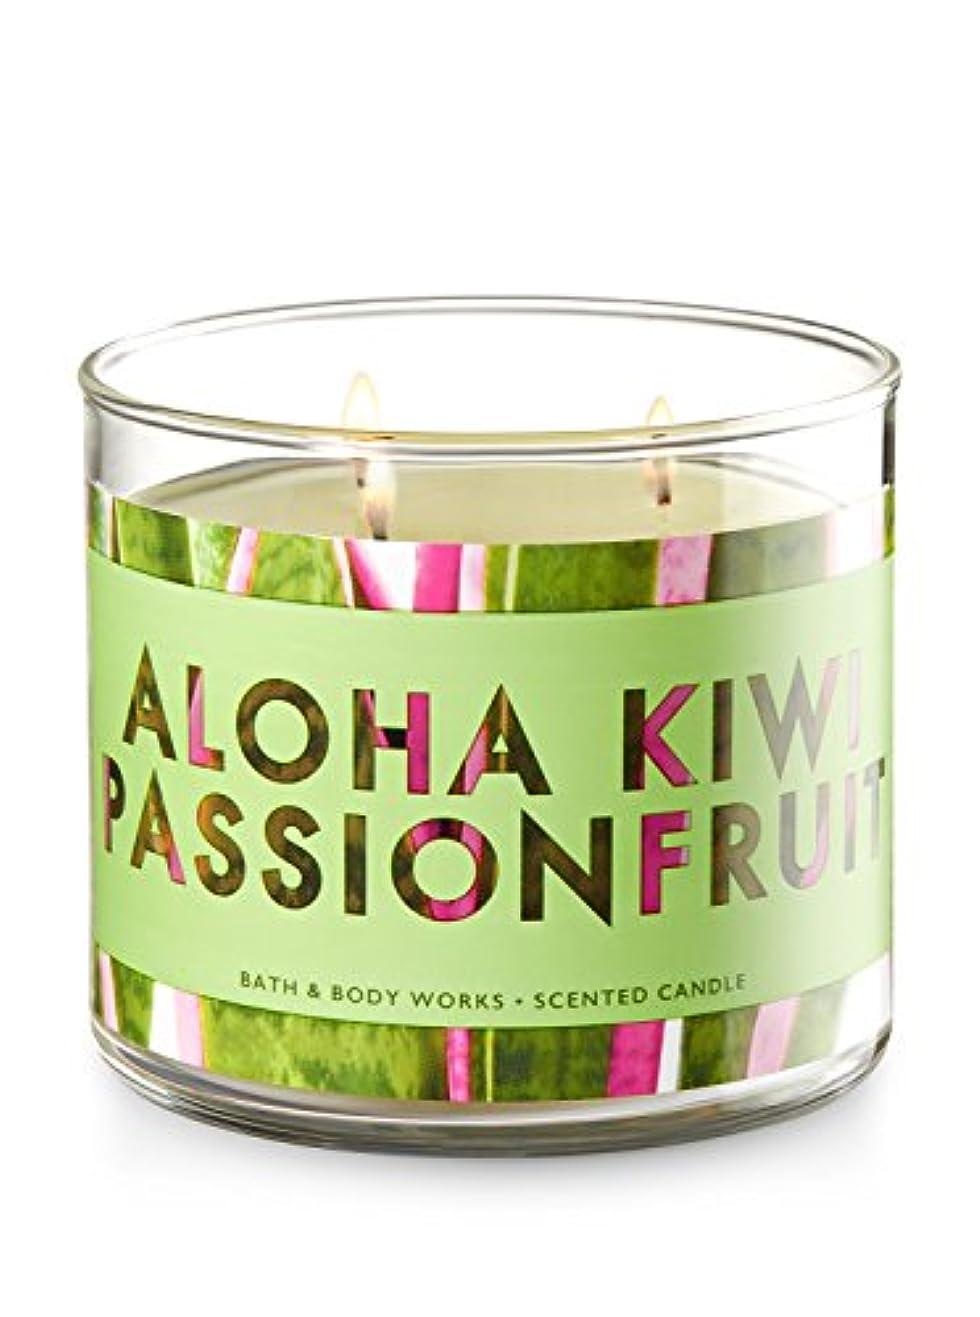 苦しめるデンプシーボードBath and Body Works 3 Wick Scented Candle Aloha Kiwi Passionfruit 430ml